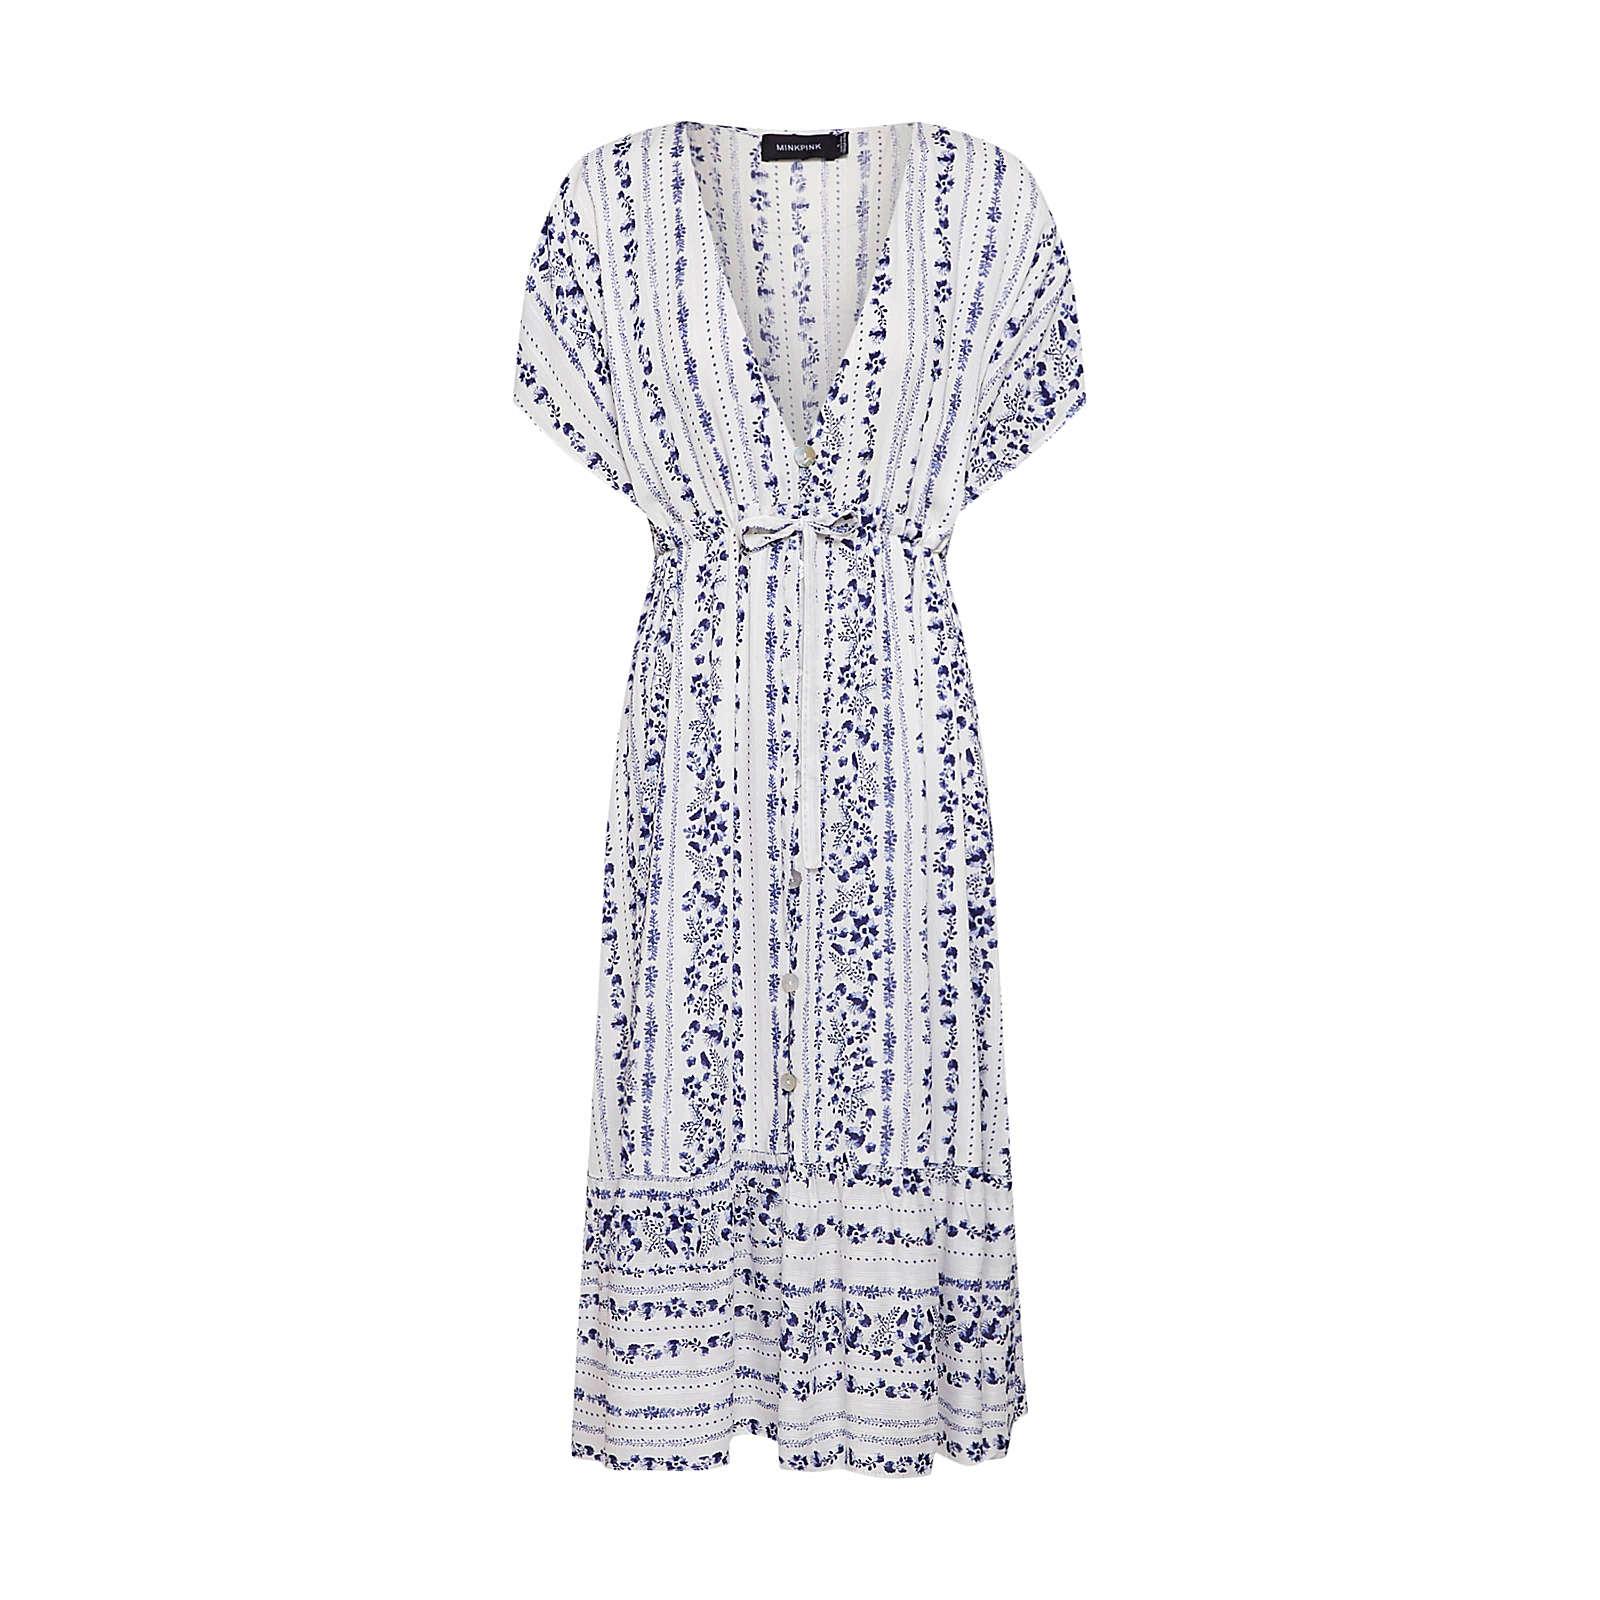 MINKPINK Sommerkleid Sommerkleider weiß Damen Gr. 34